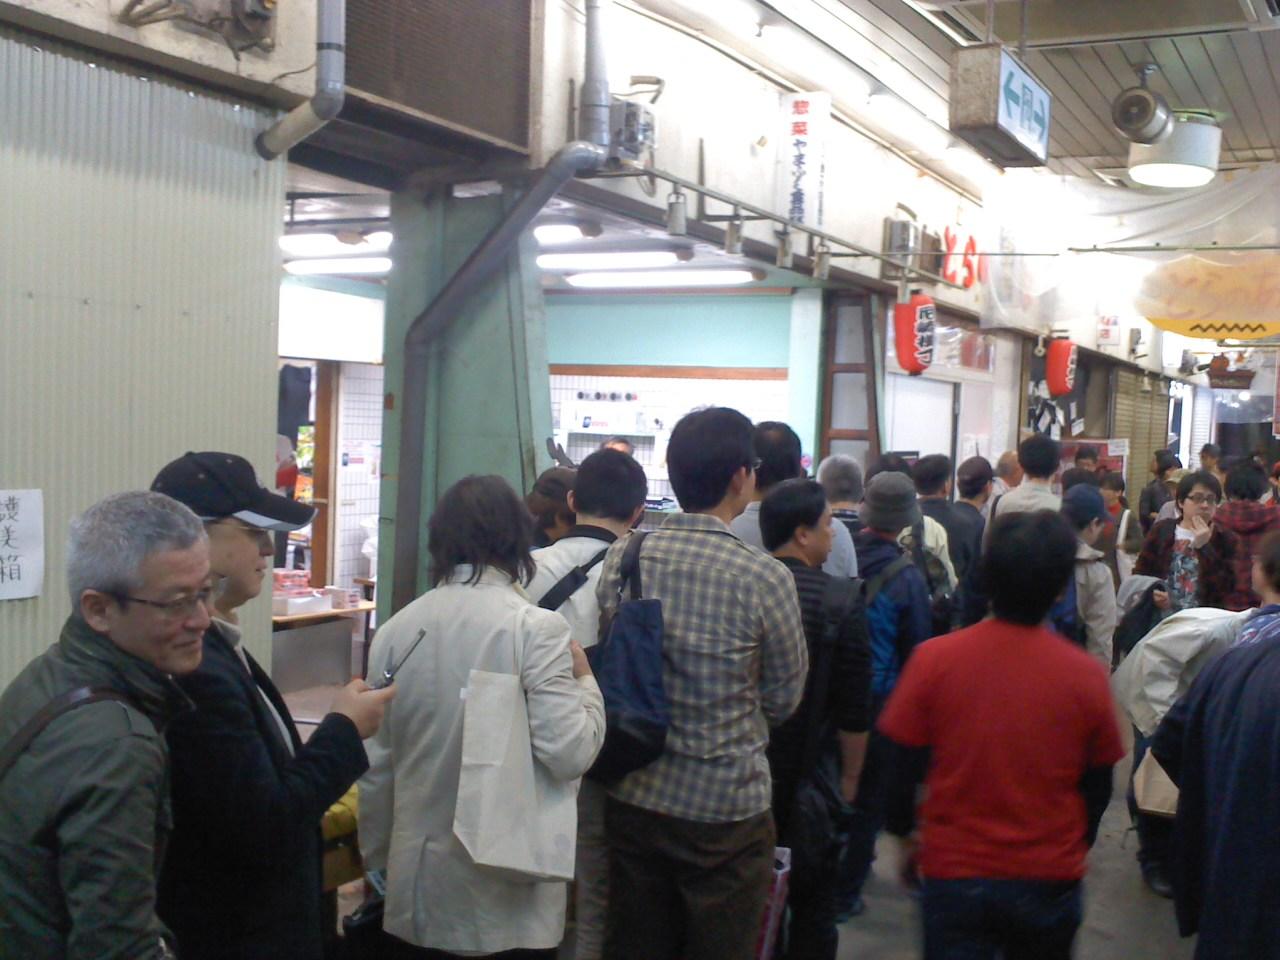 三和市場が驚きの大盛況!_a0196732_14454289.jpg